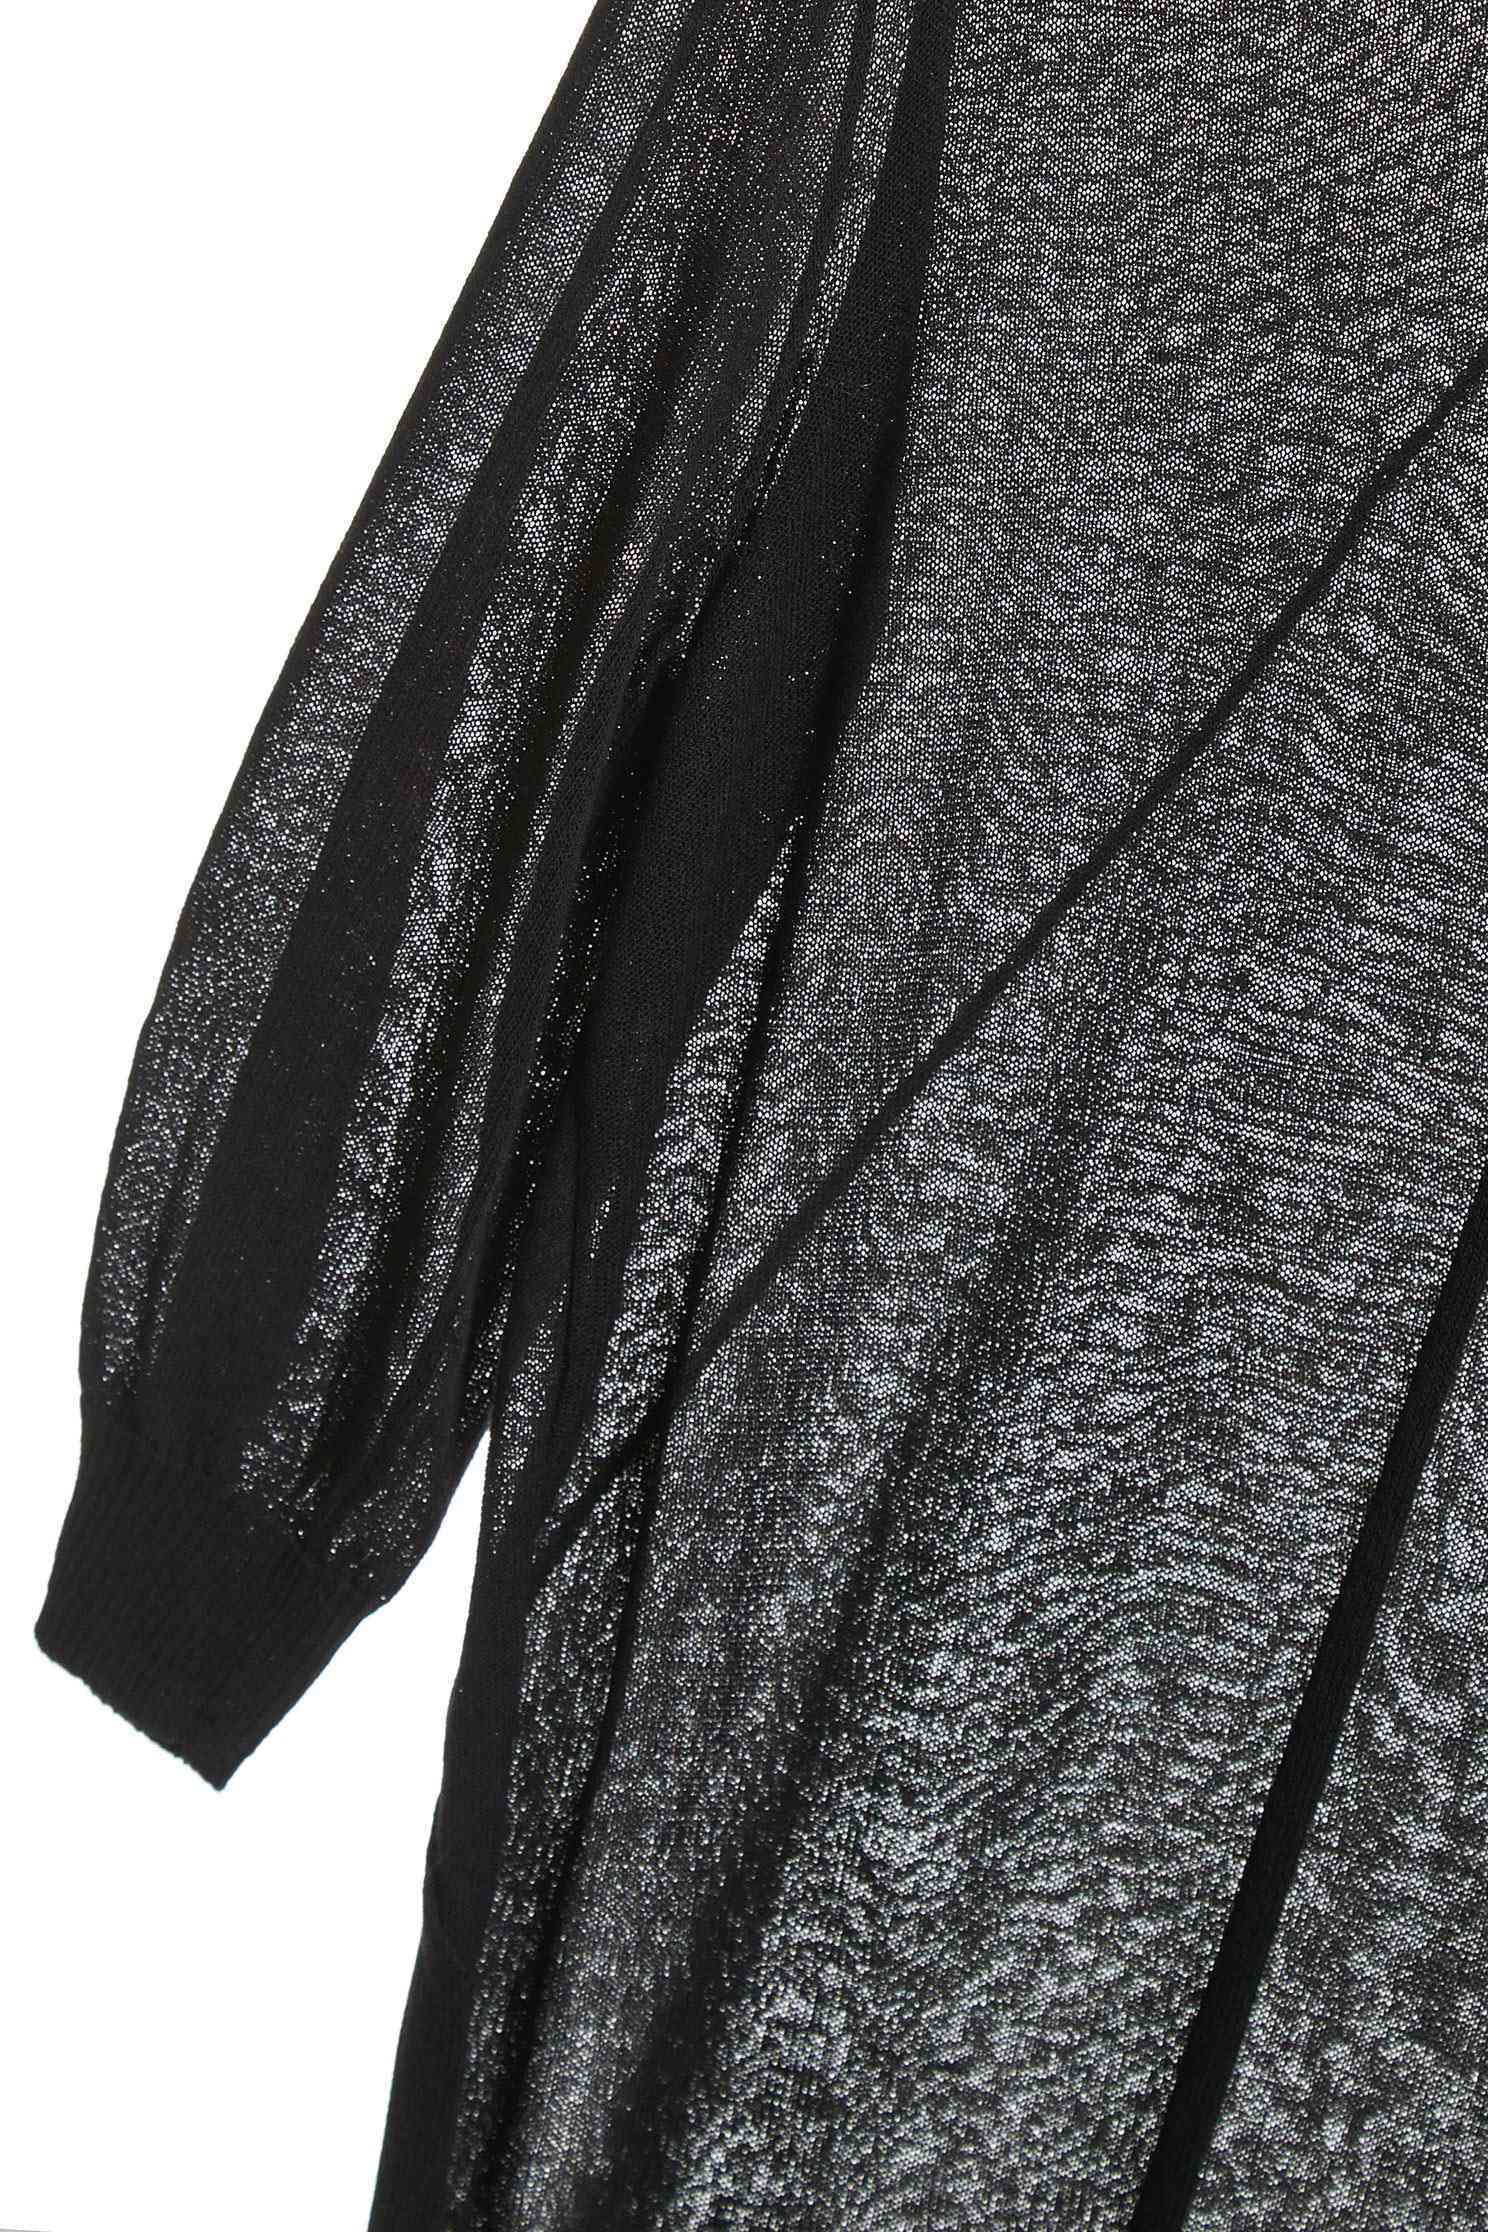 短袖針織上衣,上衣,五分袖上衣,圓領上衣,嫘縈,春夏穿搭,秋冬穿搭,紫醉金迷,透膚上衣,針織,針織上衣,針織衫,黑色上衣